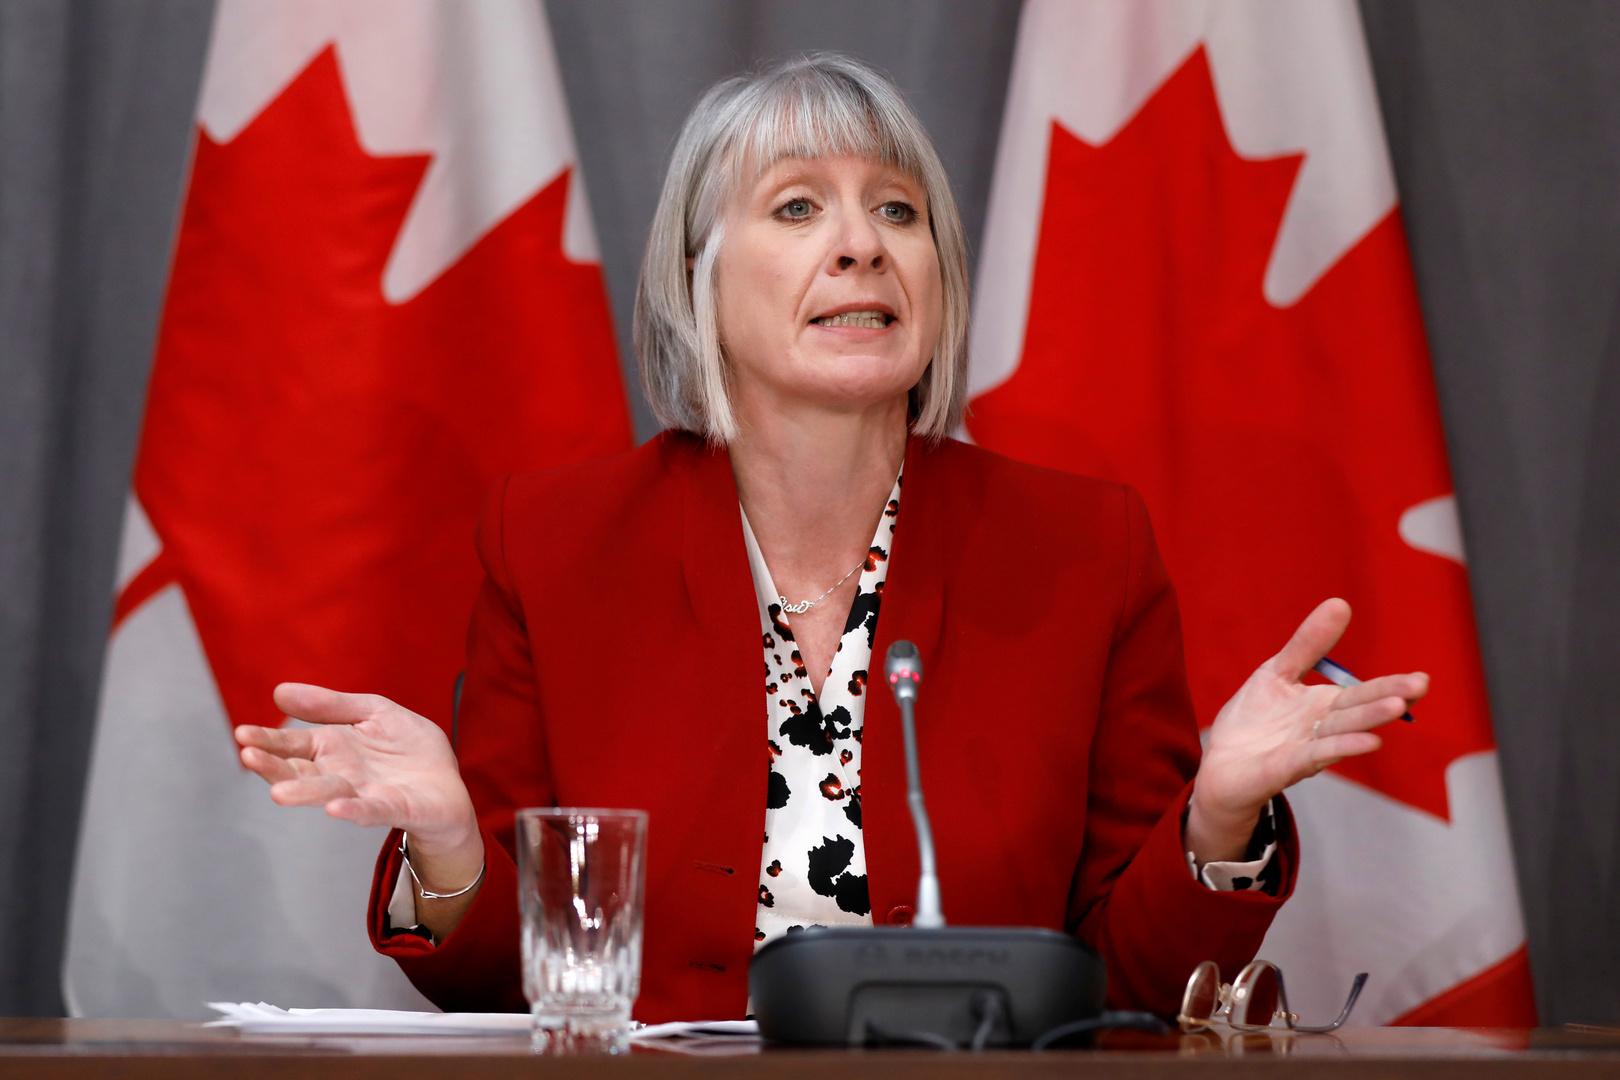 كندا لا تشكك في احصائيات الصين بخصوص كورونا